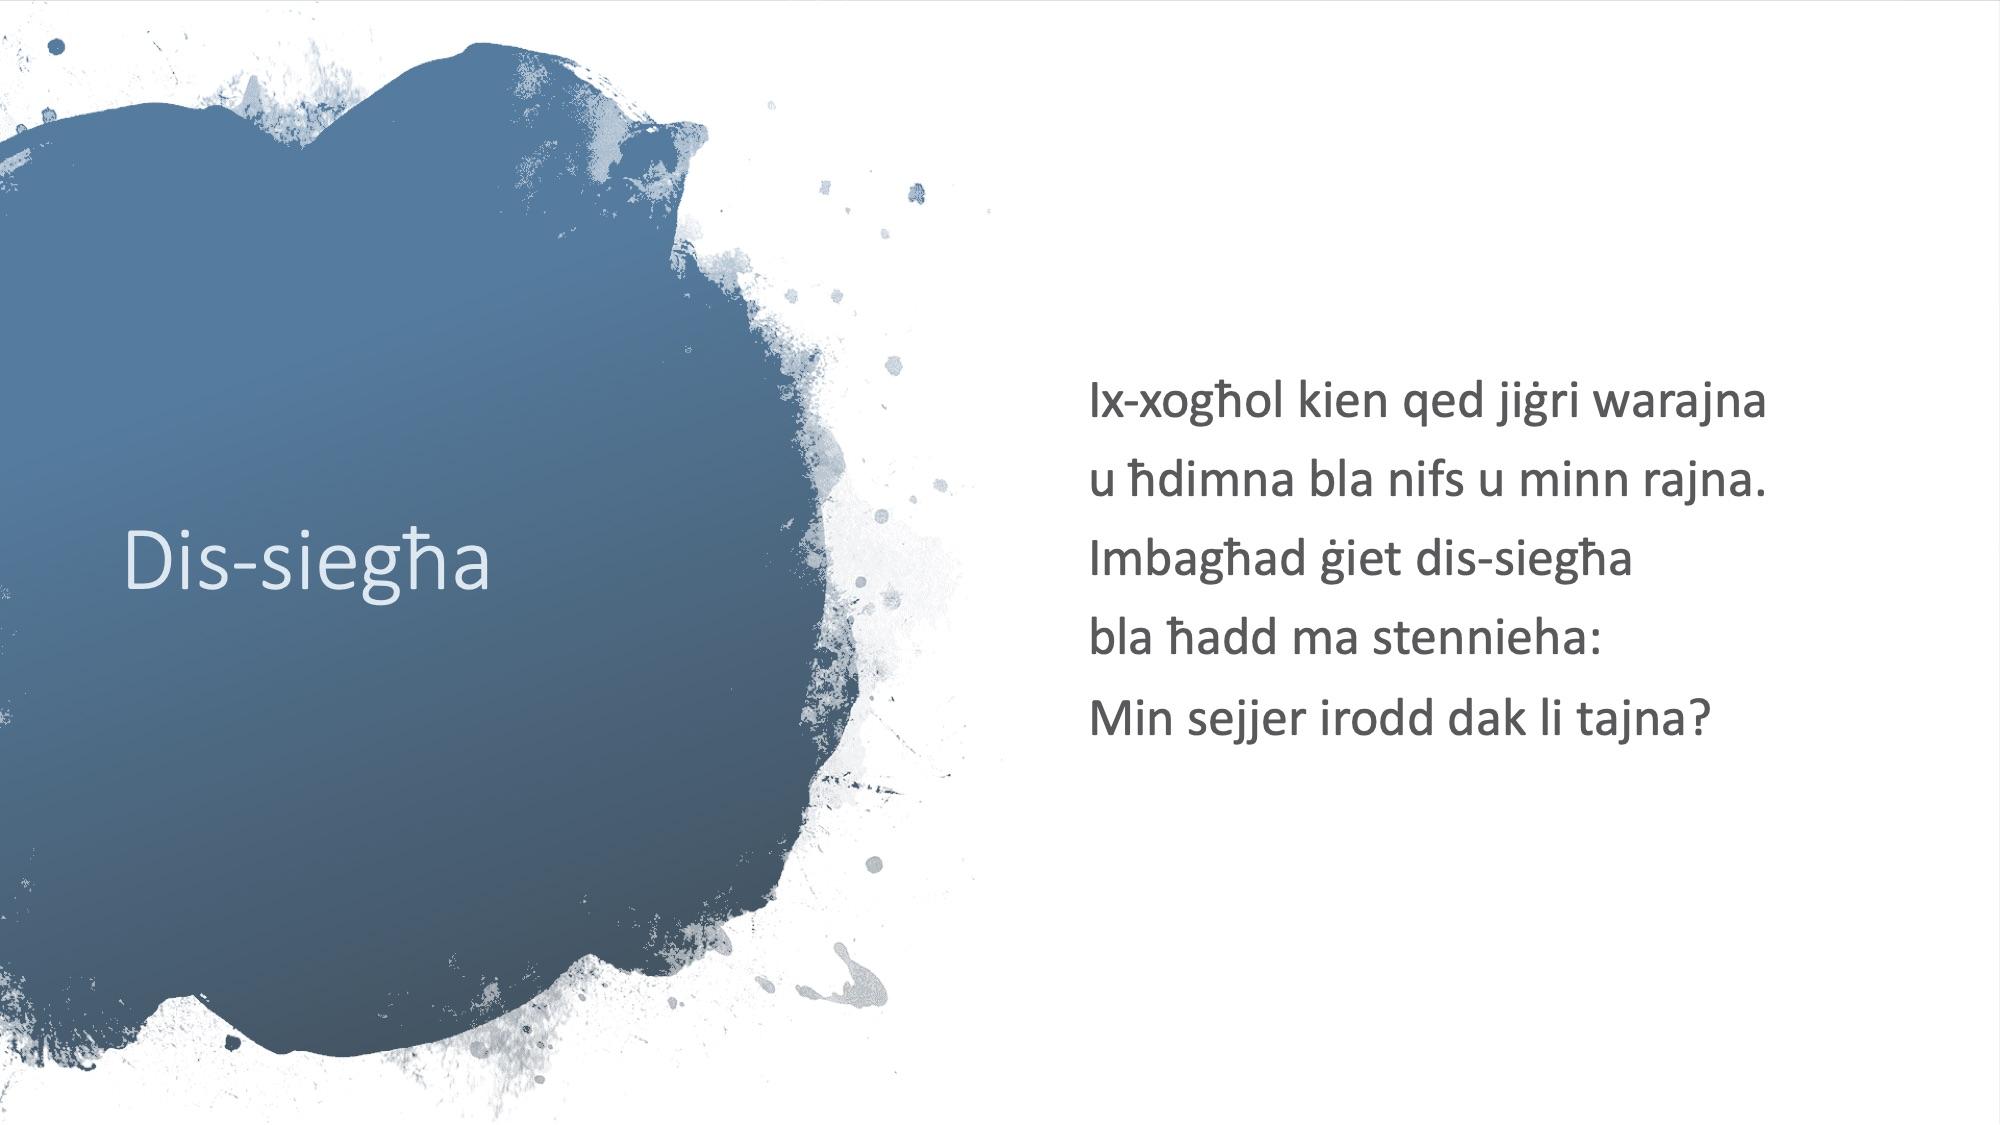 Il-Limerikki tal-Covid-19 - Dis-Siegħa 2